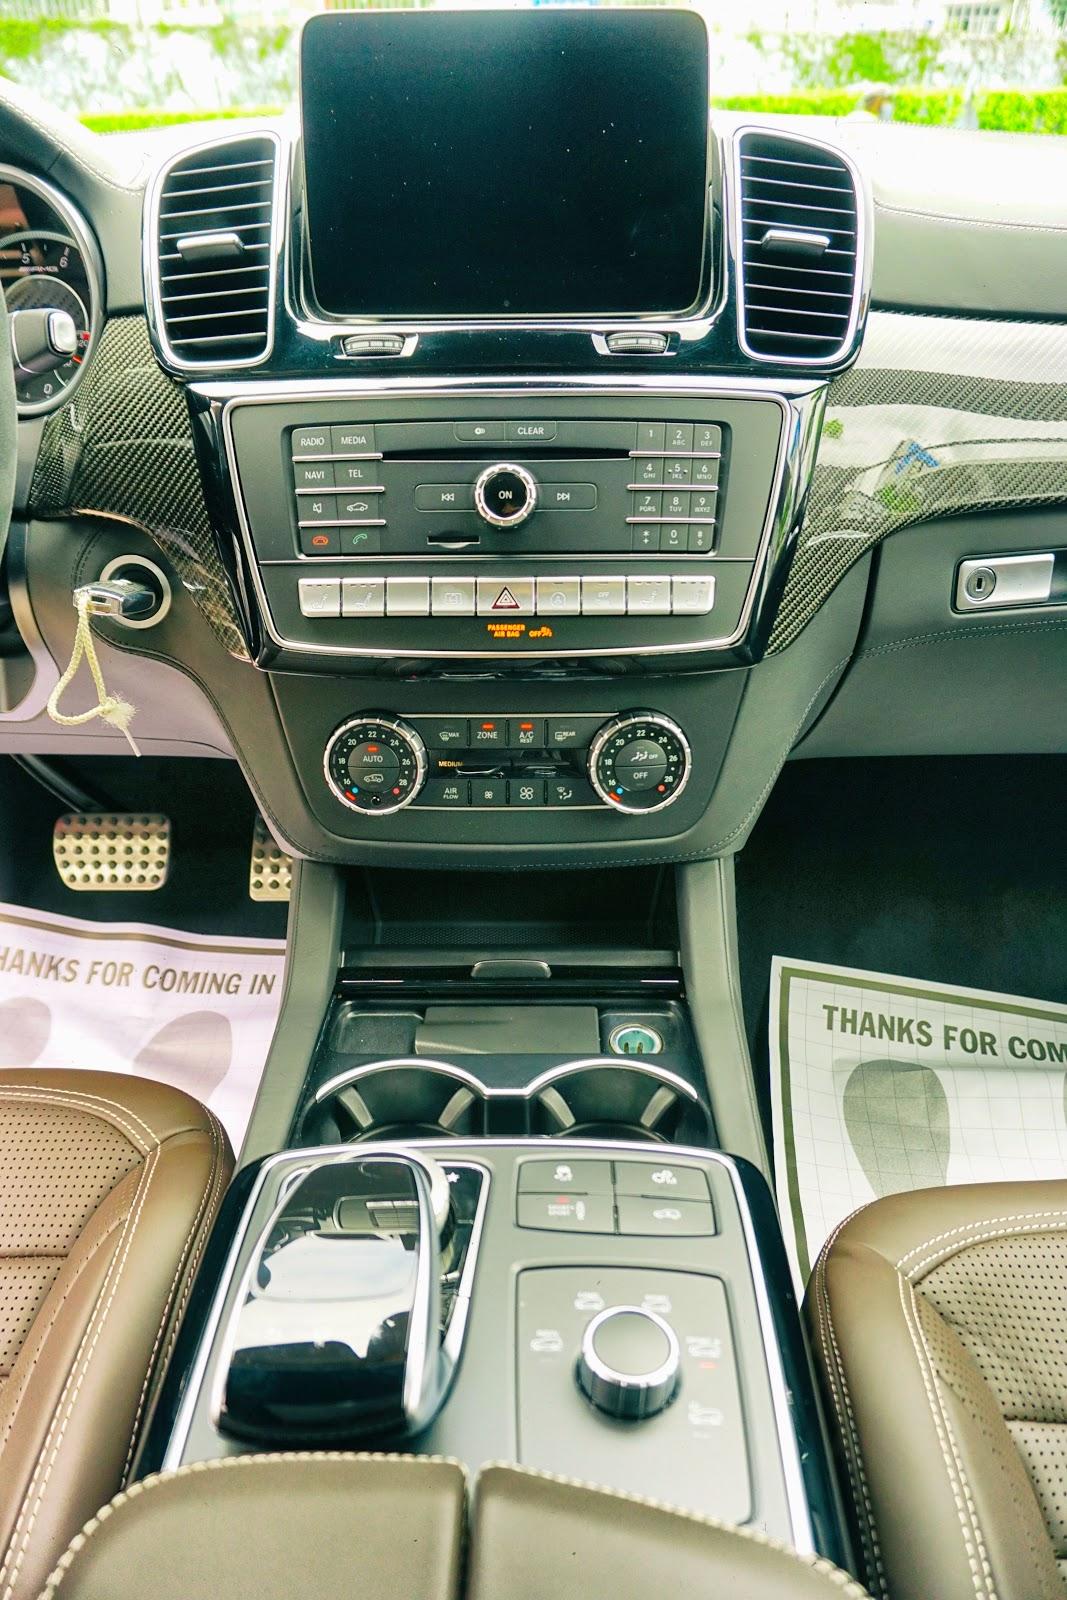 Mercedes-AMG GLS 63 là chiếc SUV thuộc hàng thông minh, an toàn nhất hiện nay với nhiều tính năng vượt trội